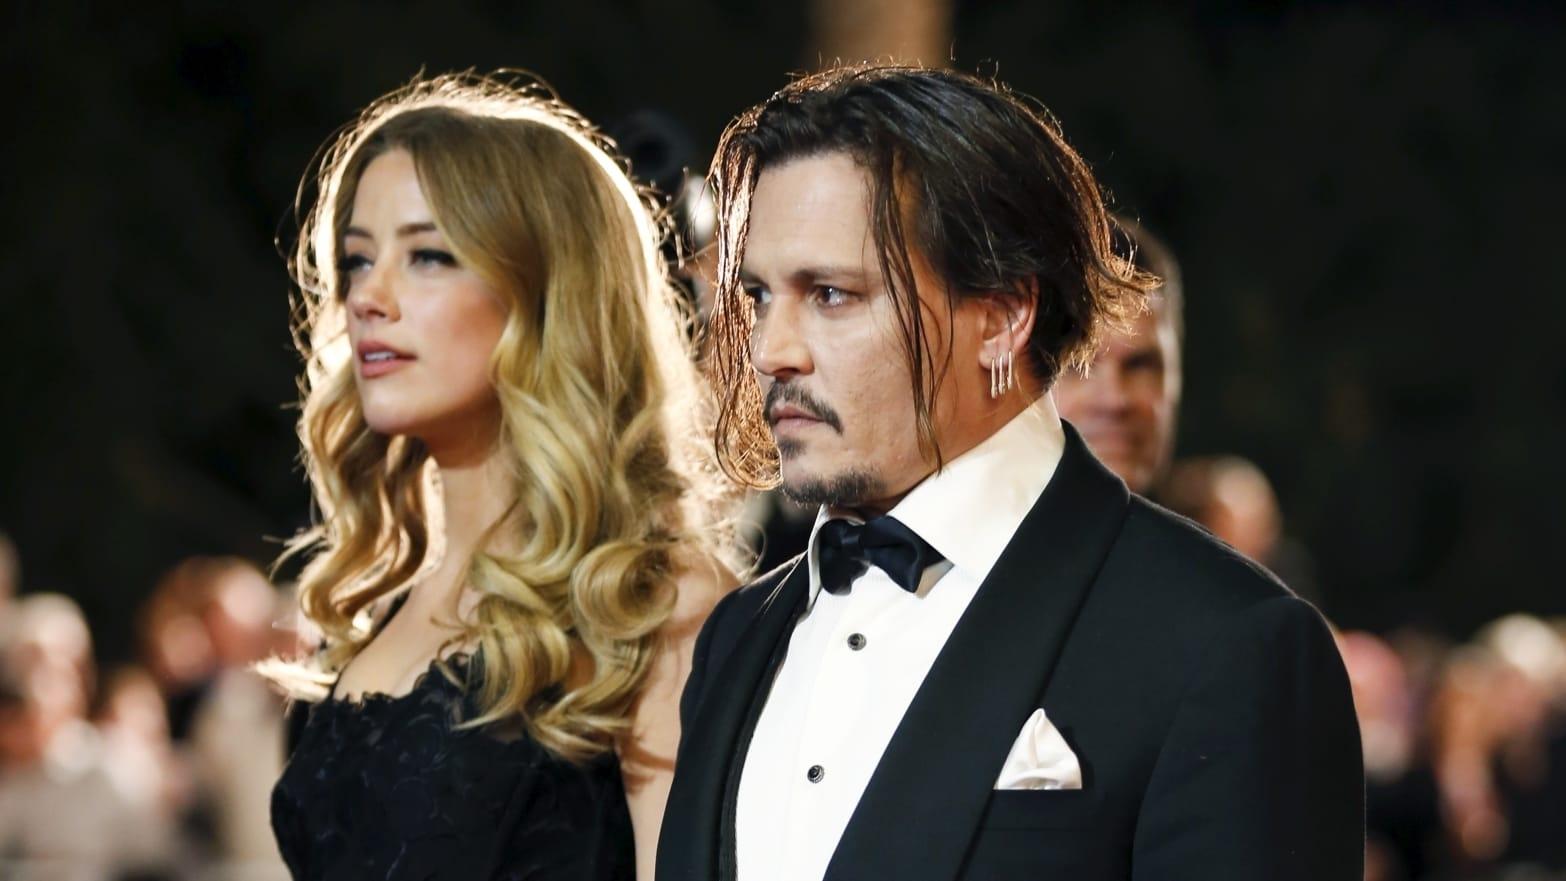 Джонни Депп заявил, что Голливуд бойкотирует его из-за обвинений Эмбер Херд - фото №2